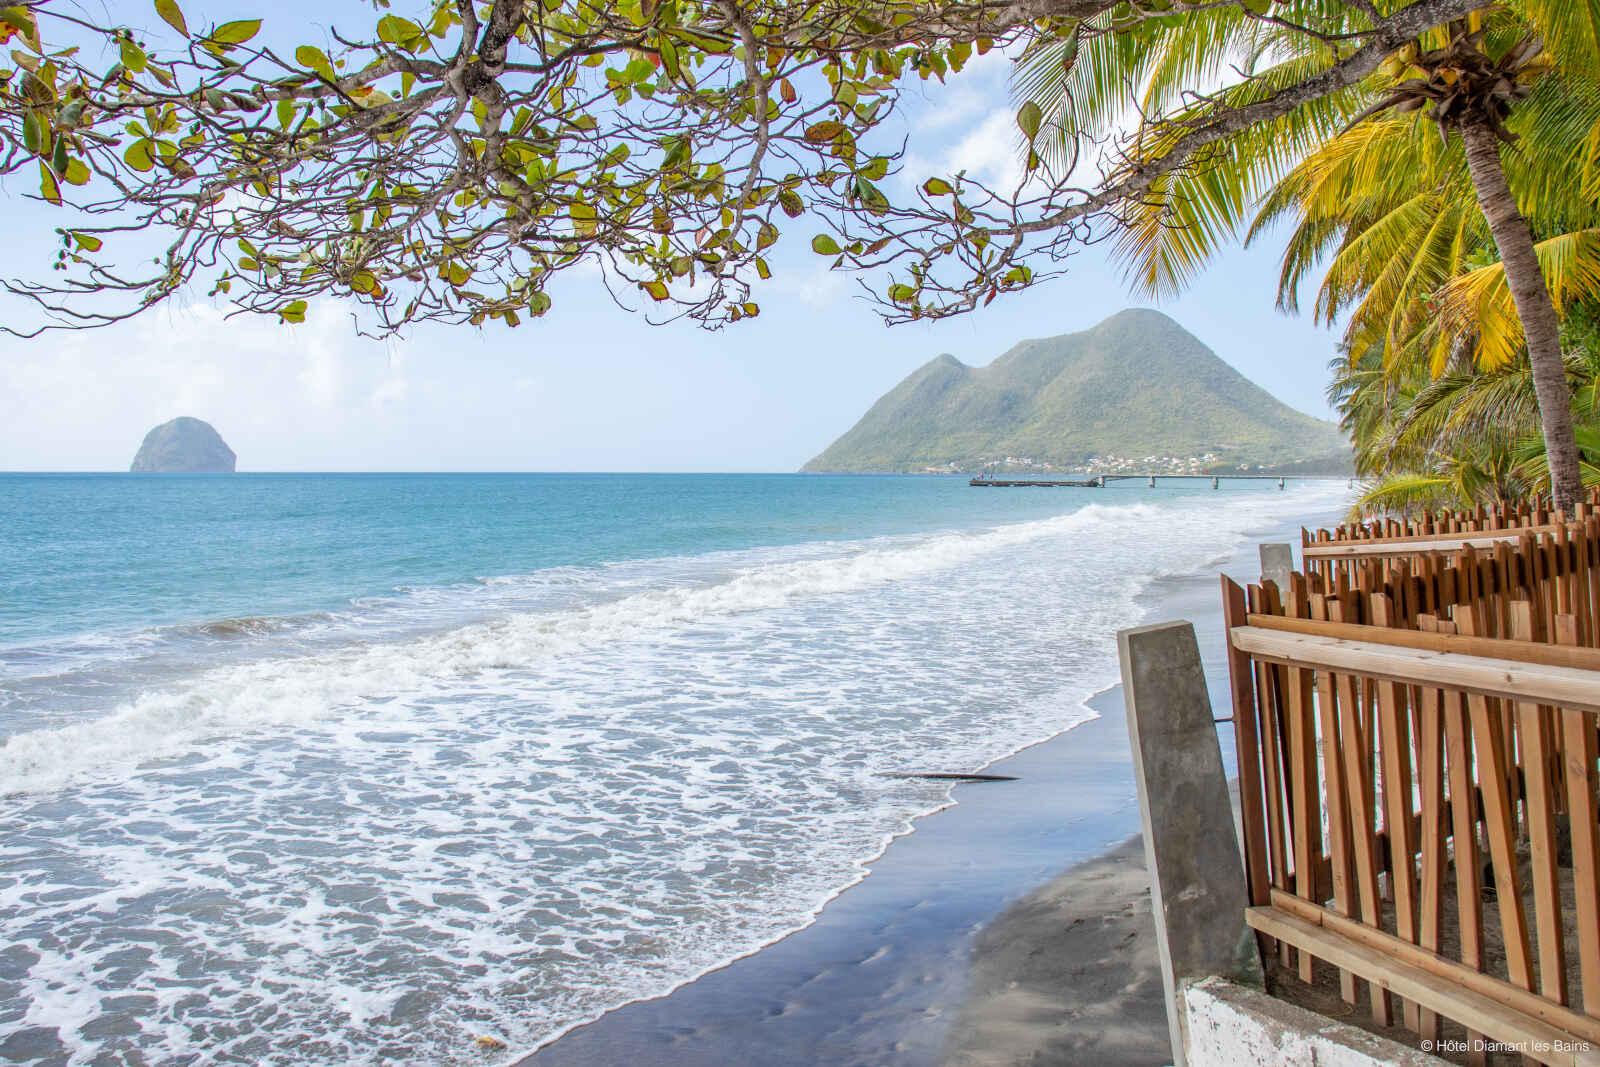 Martinique : Diamant Les Bains - Résidence Hôtelière